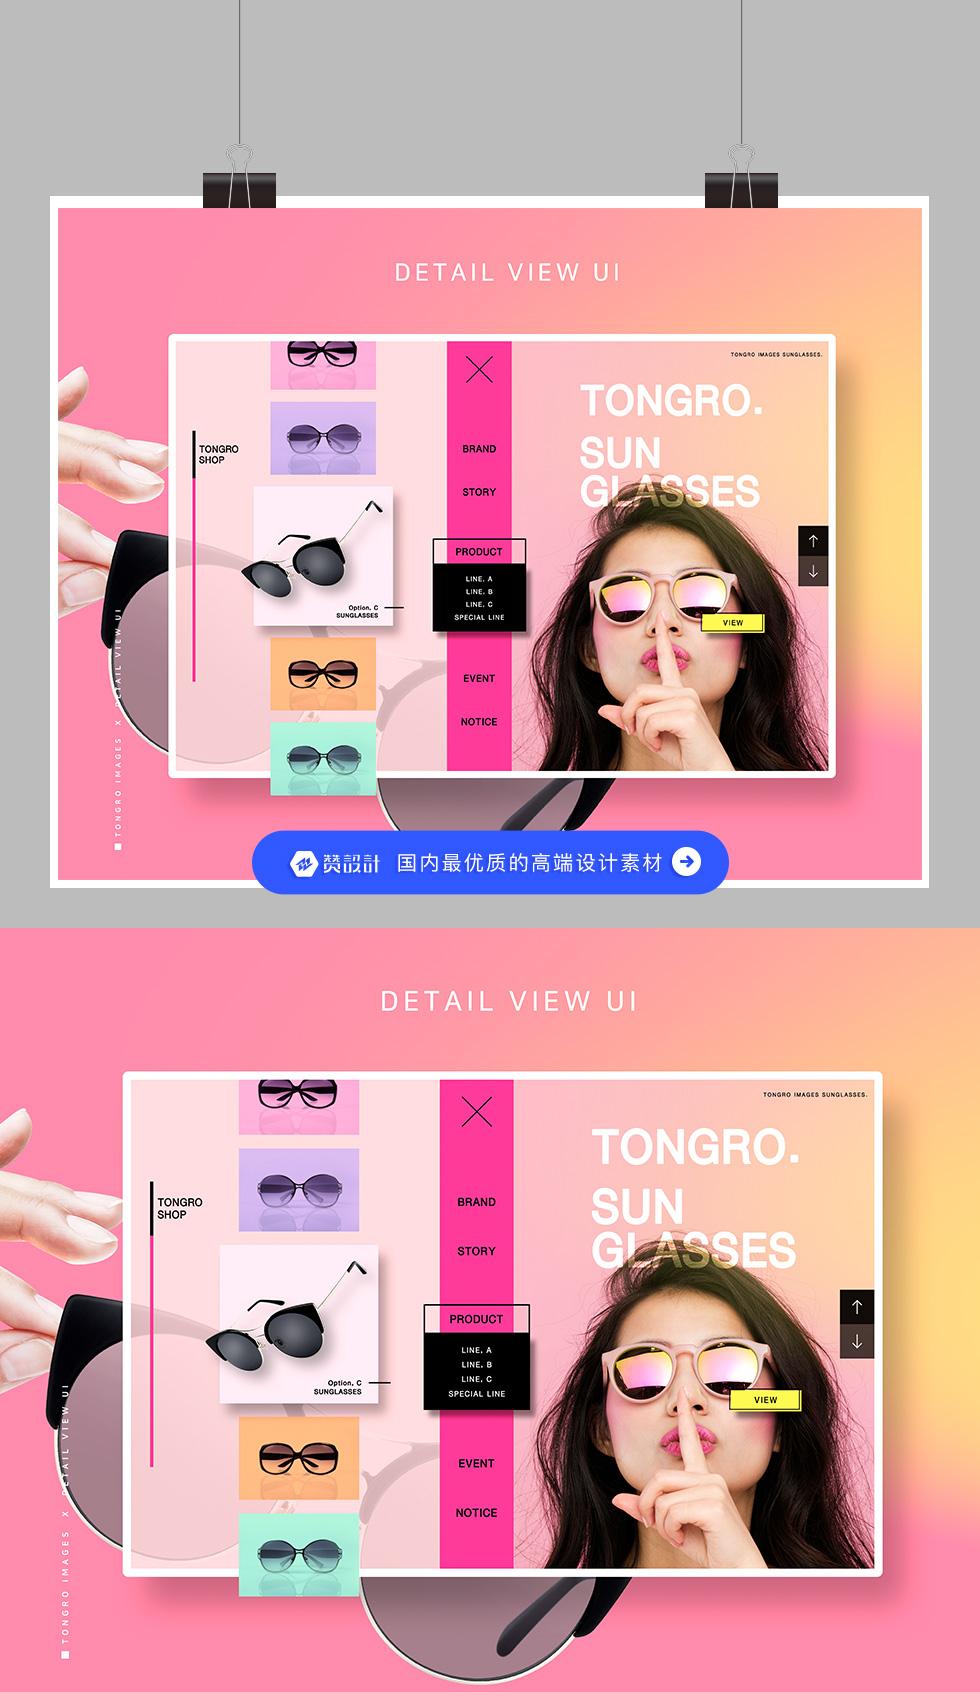 眼睛墨镜展示PC端网页H5细节视图的用户界面UI模板